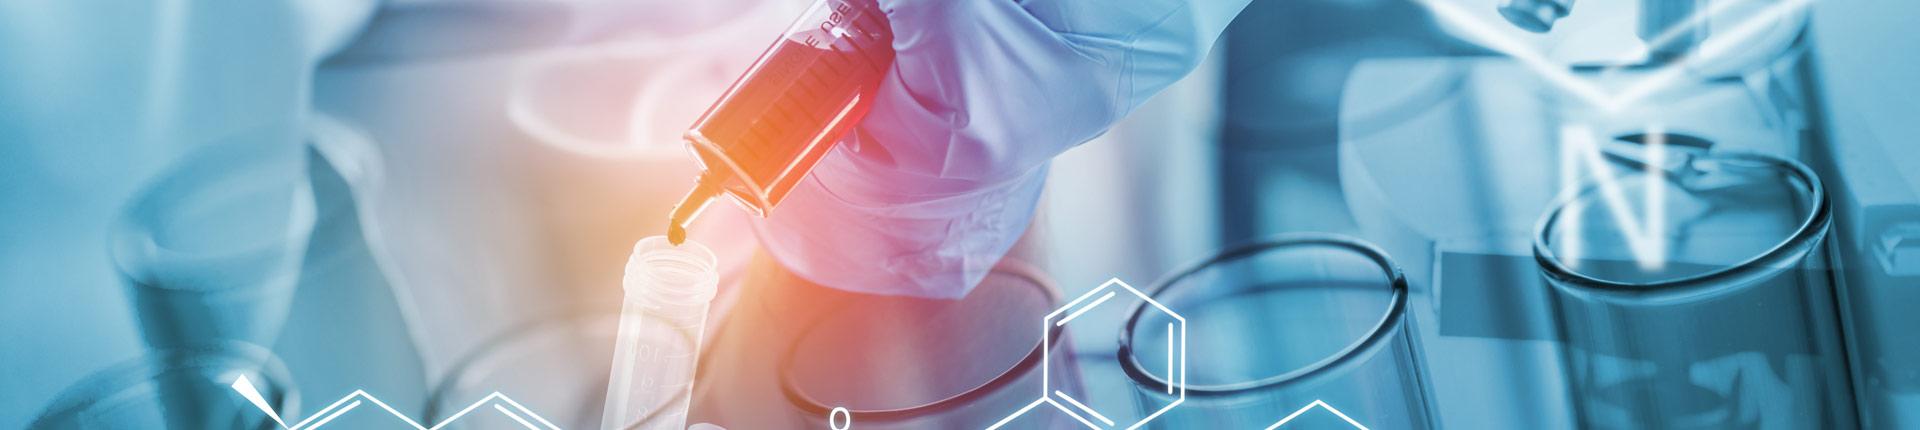 Mylne poglądy dotyczące redukcji tkanki tłuszczowej